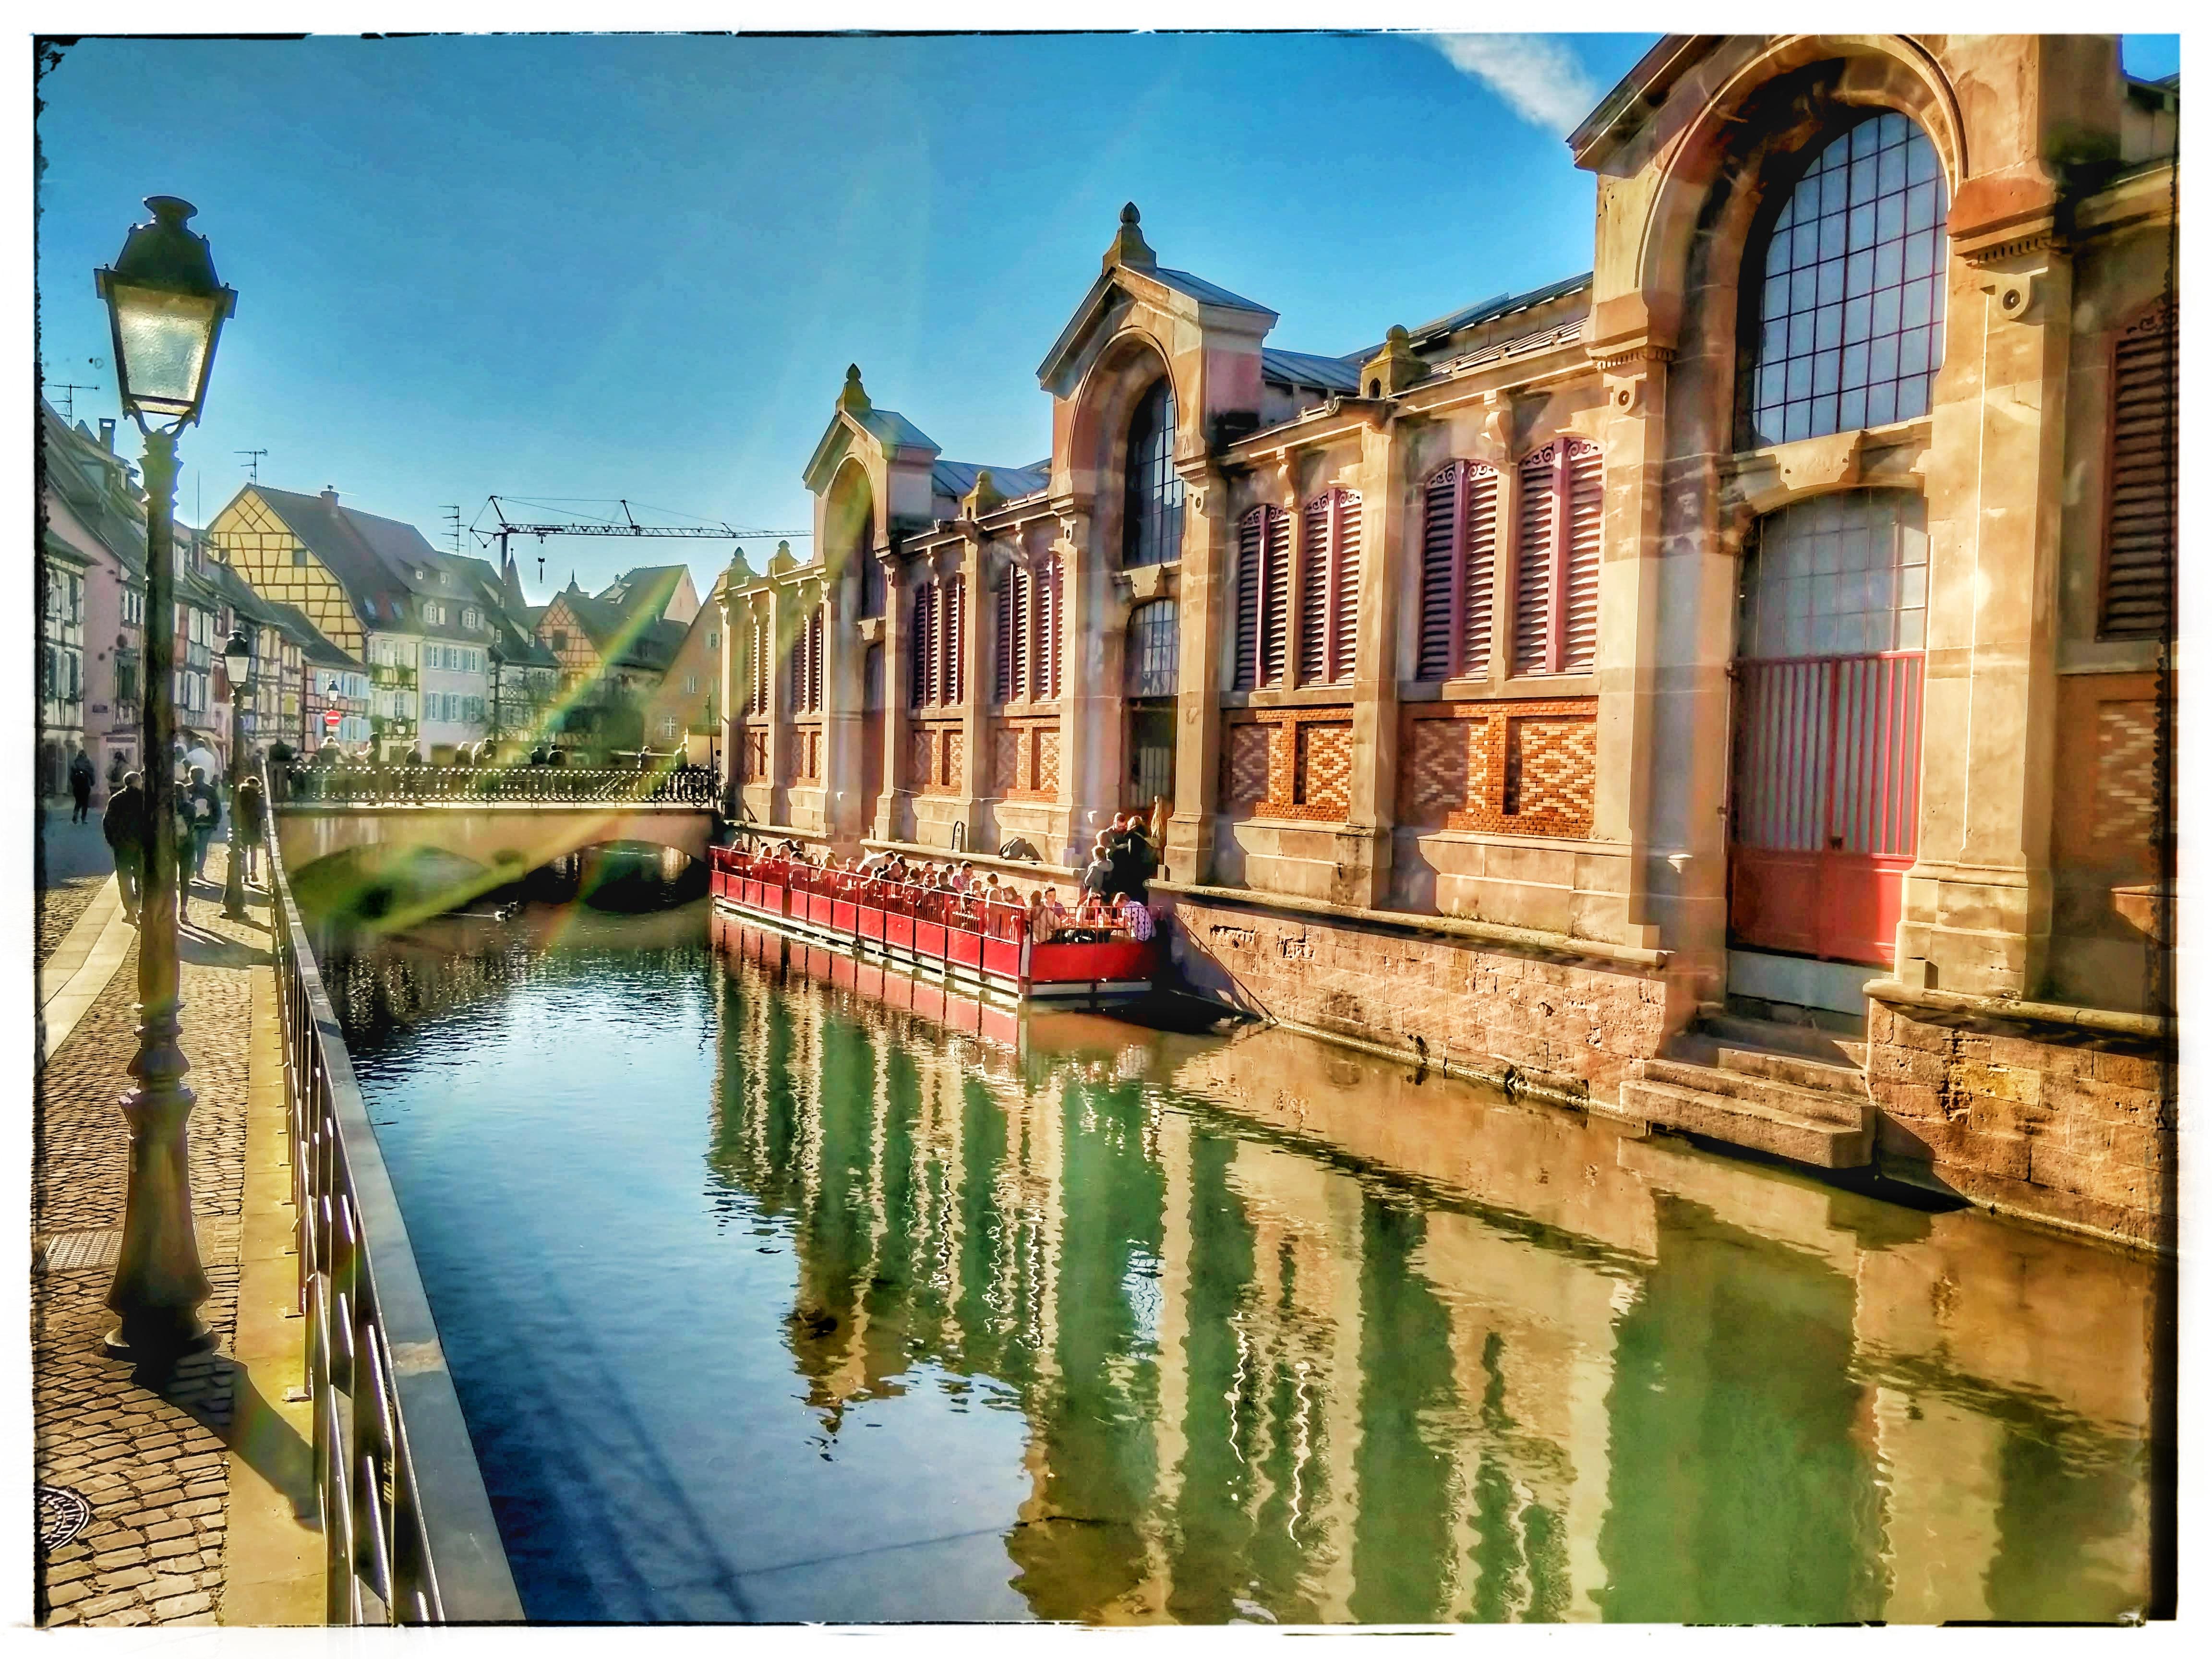 A Petit Venise, valóban elég kicsi, egy folyó szeli át az óvárost.